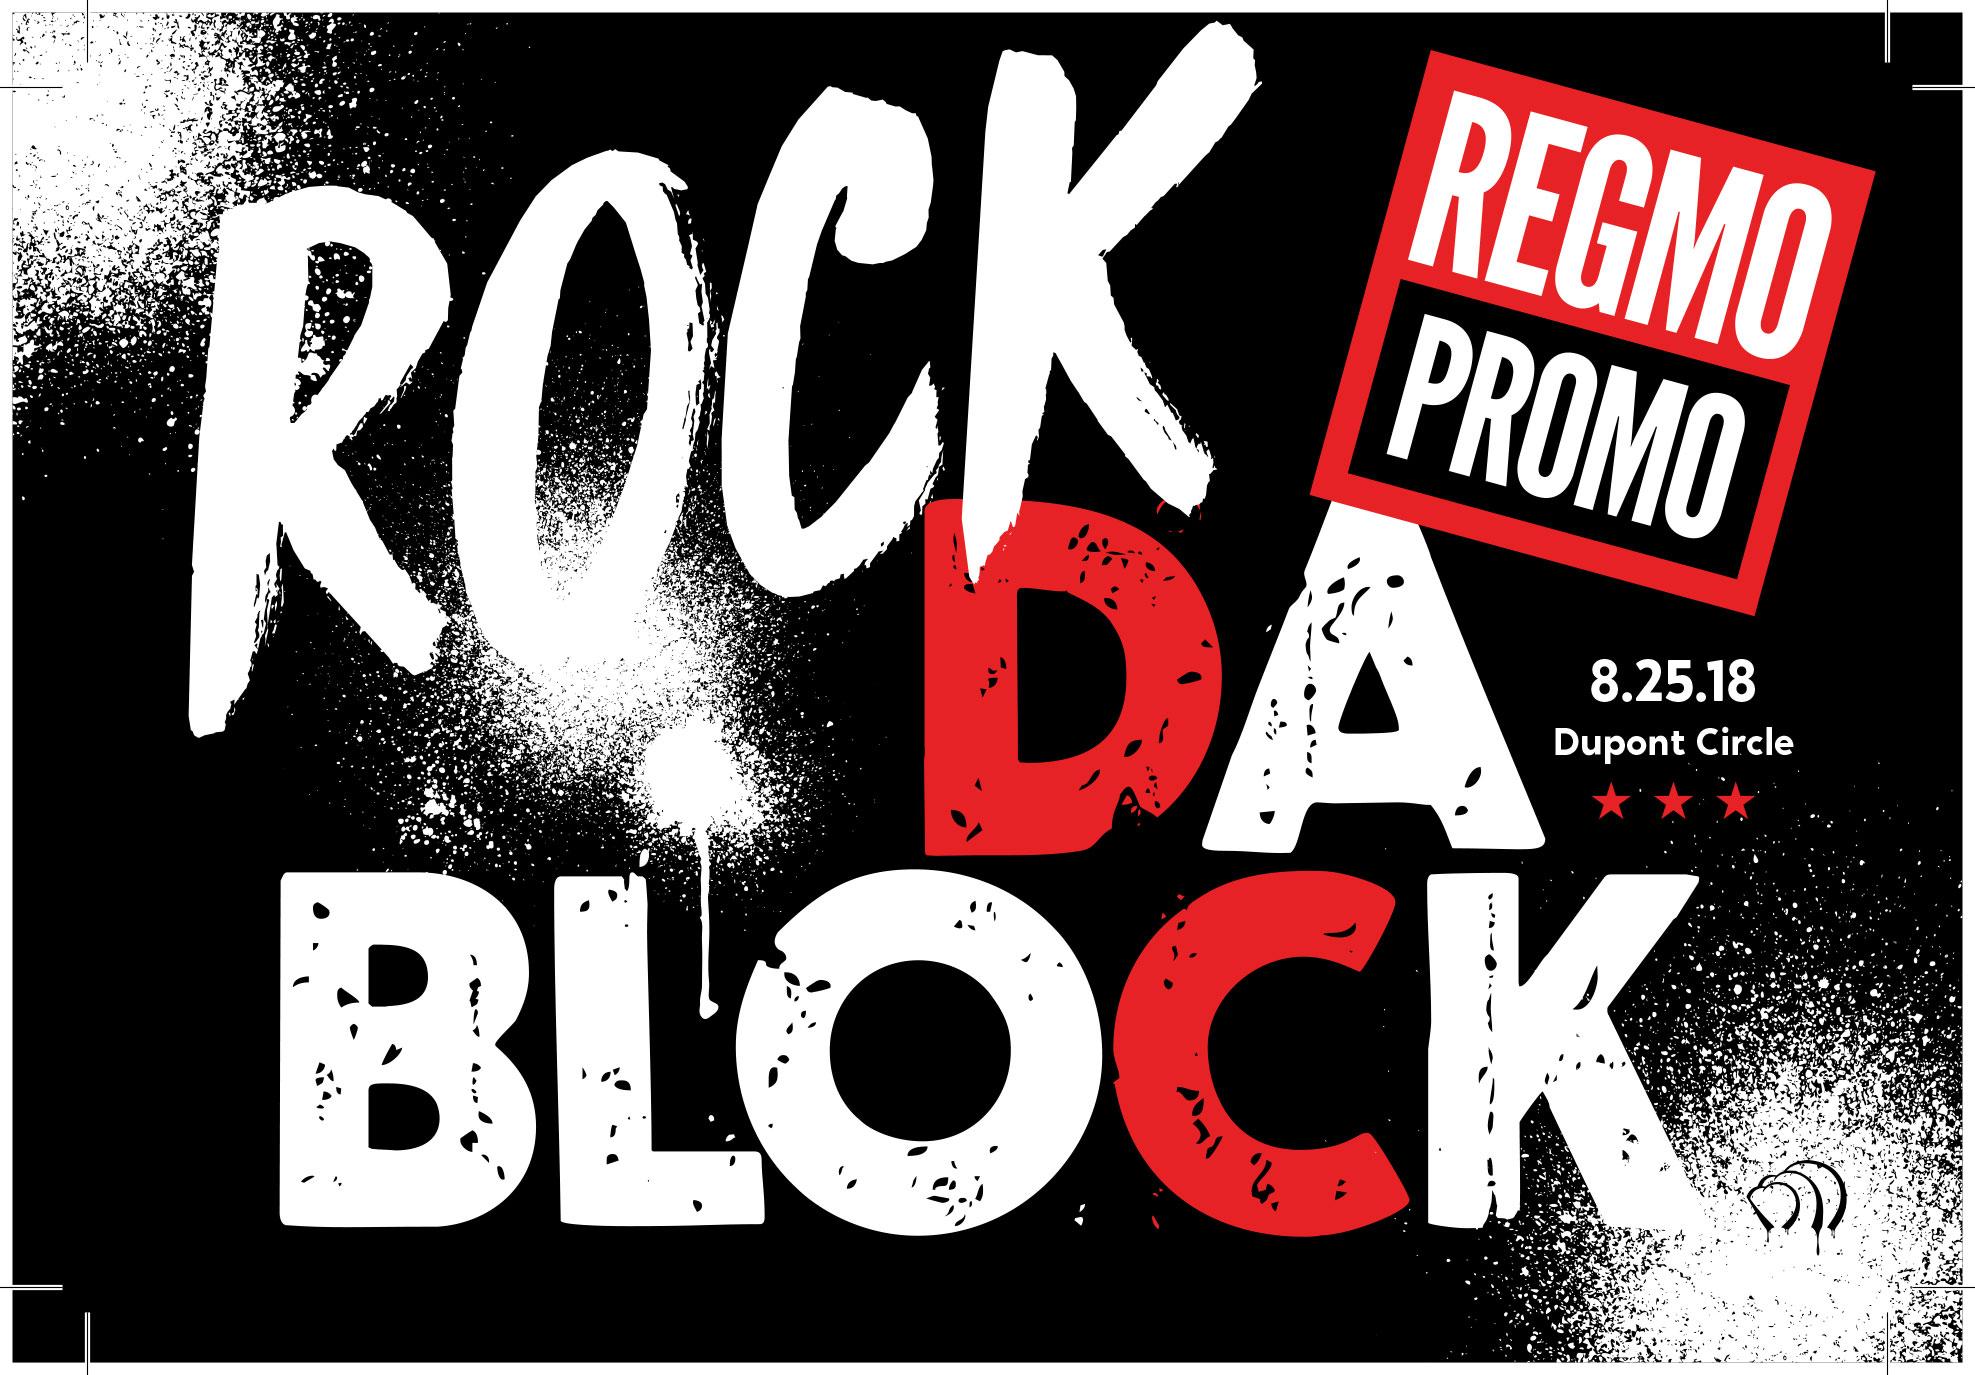 Rock Da Block